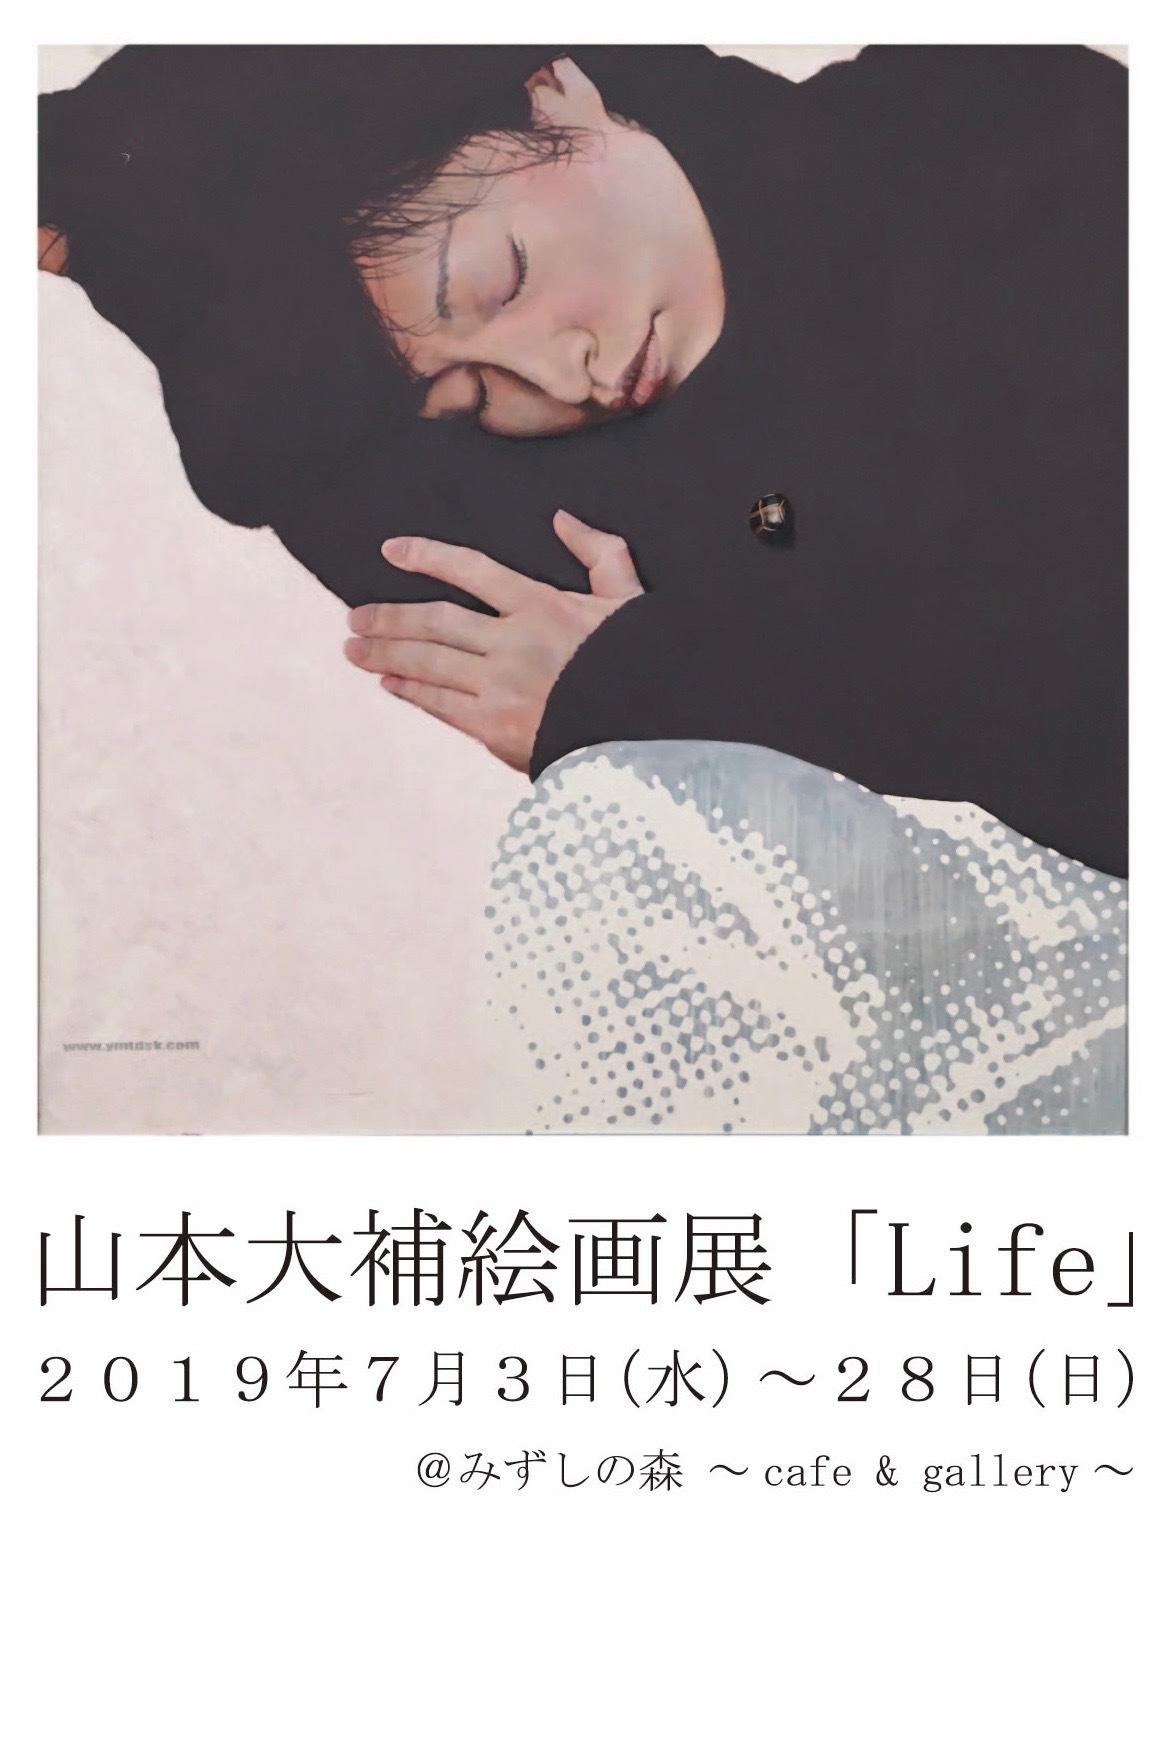 ★山本大補絵画展「Life」開催します。_e0193561_23120351.jpg